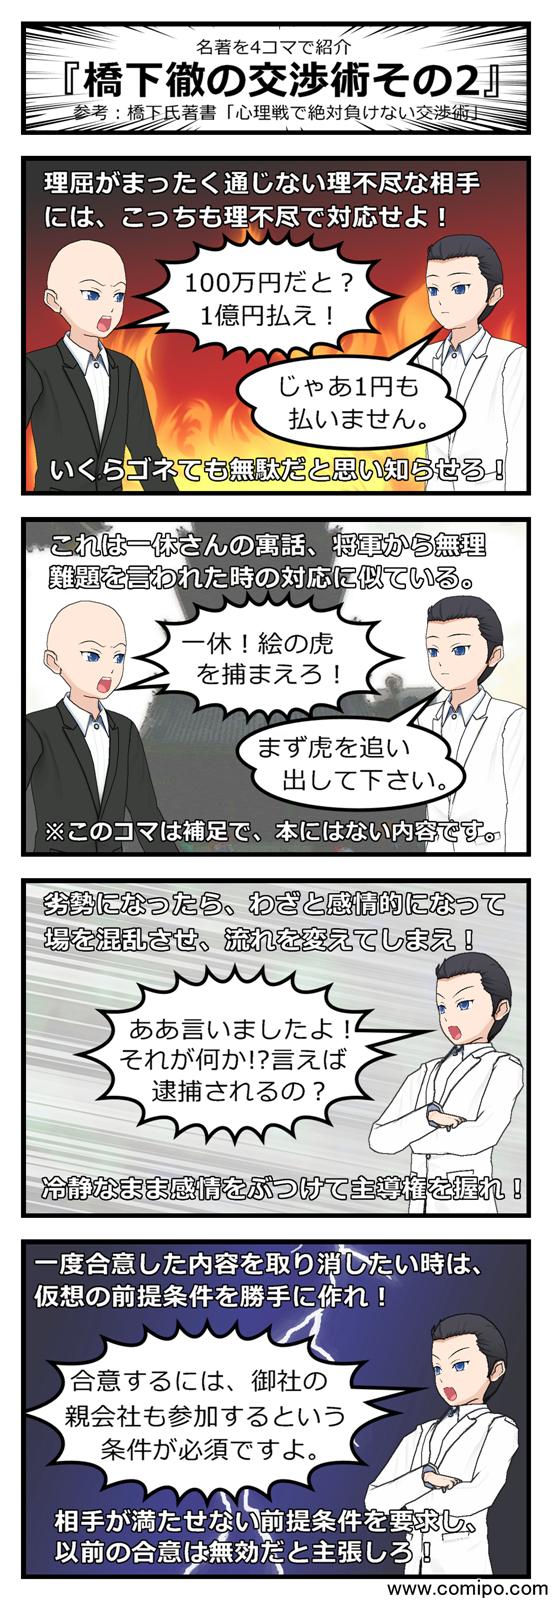 「YES」と言わせる日本 -